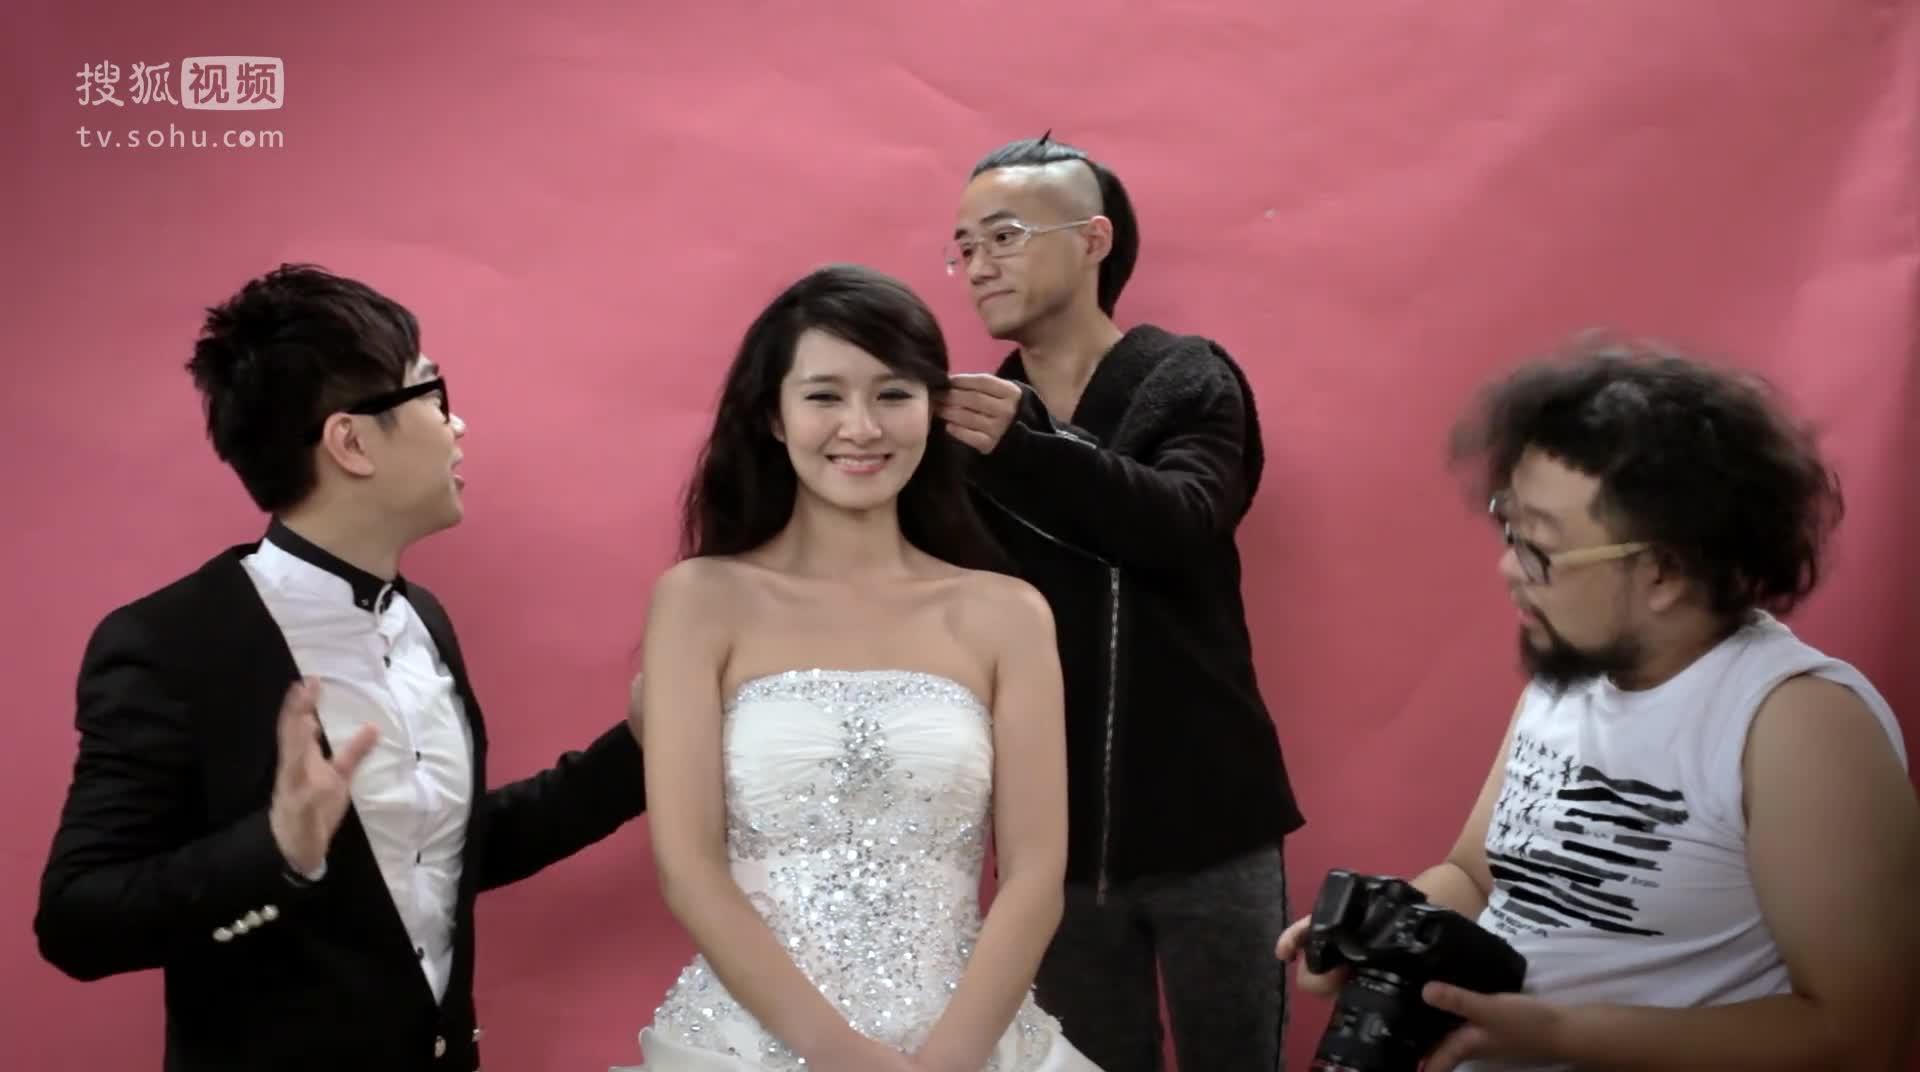 《屌丝男士》 大鹏去照婚纱照, 简直笑尿了